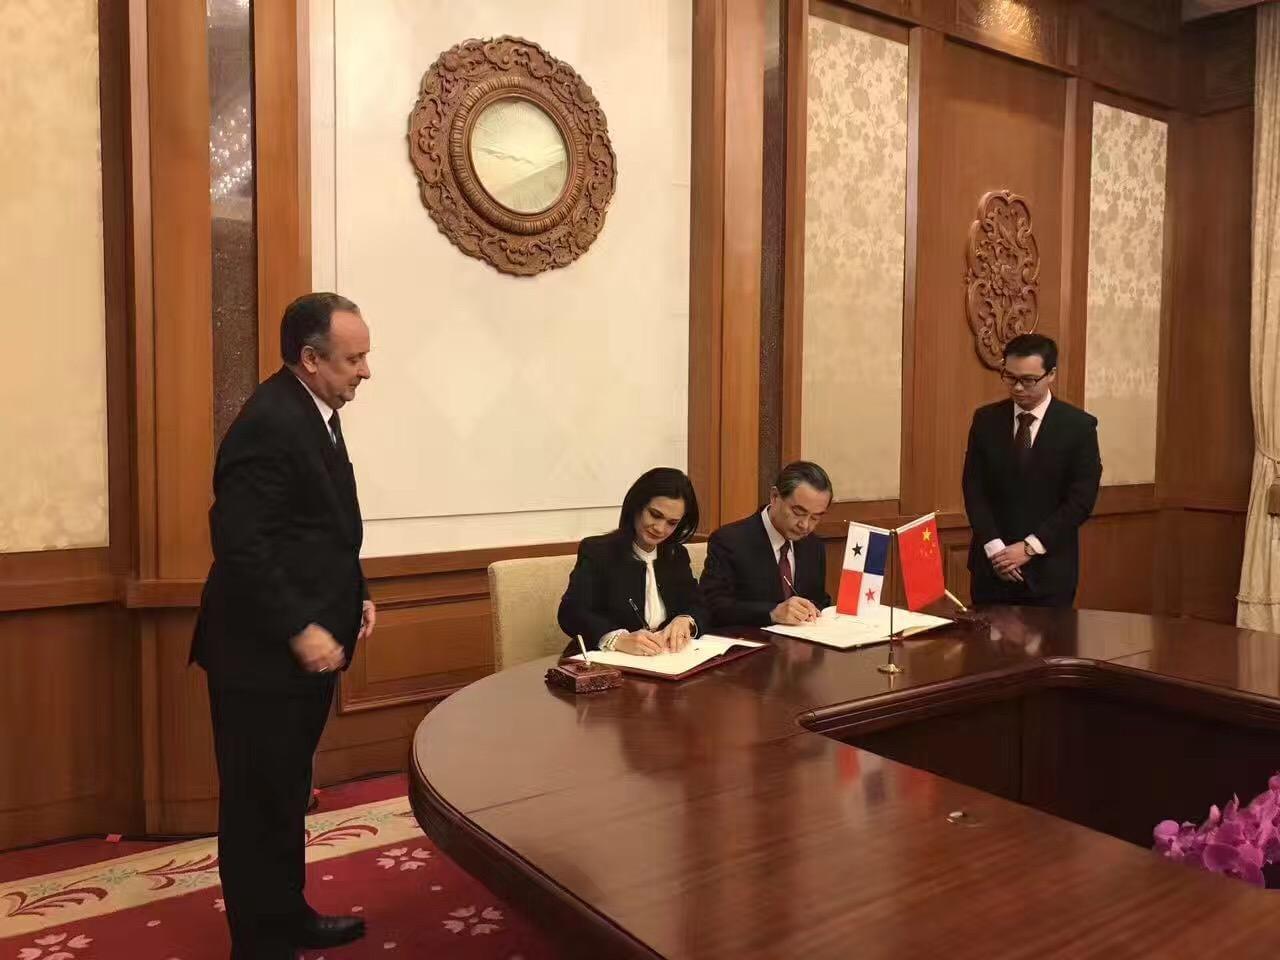 巴拿马承认只有一个中国 即日断绝与台外交关系